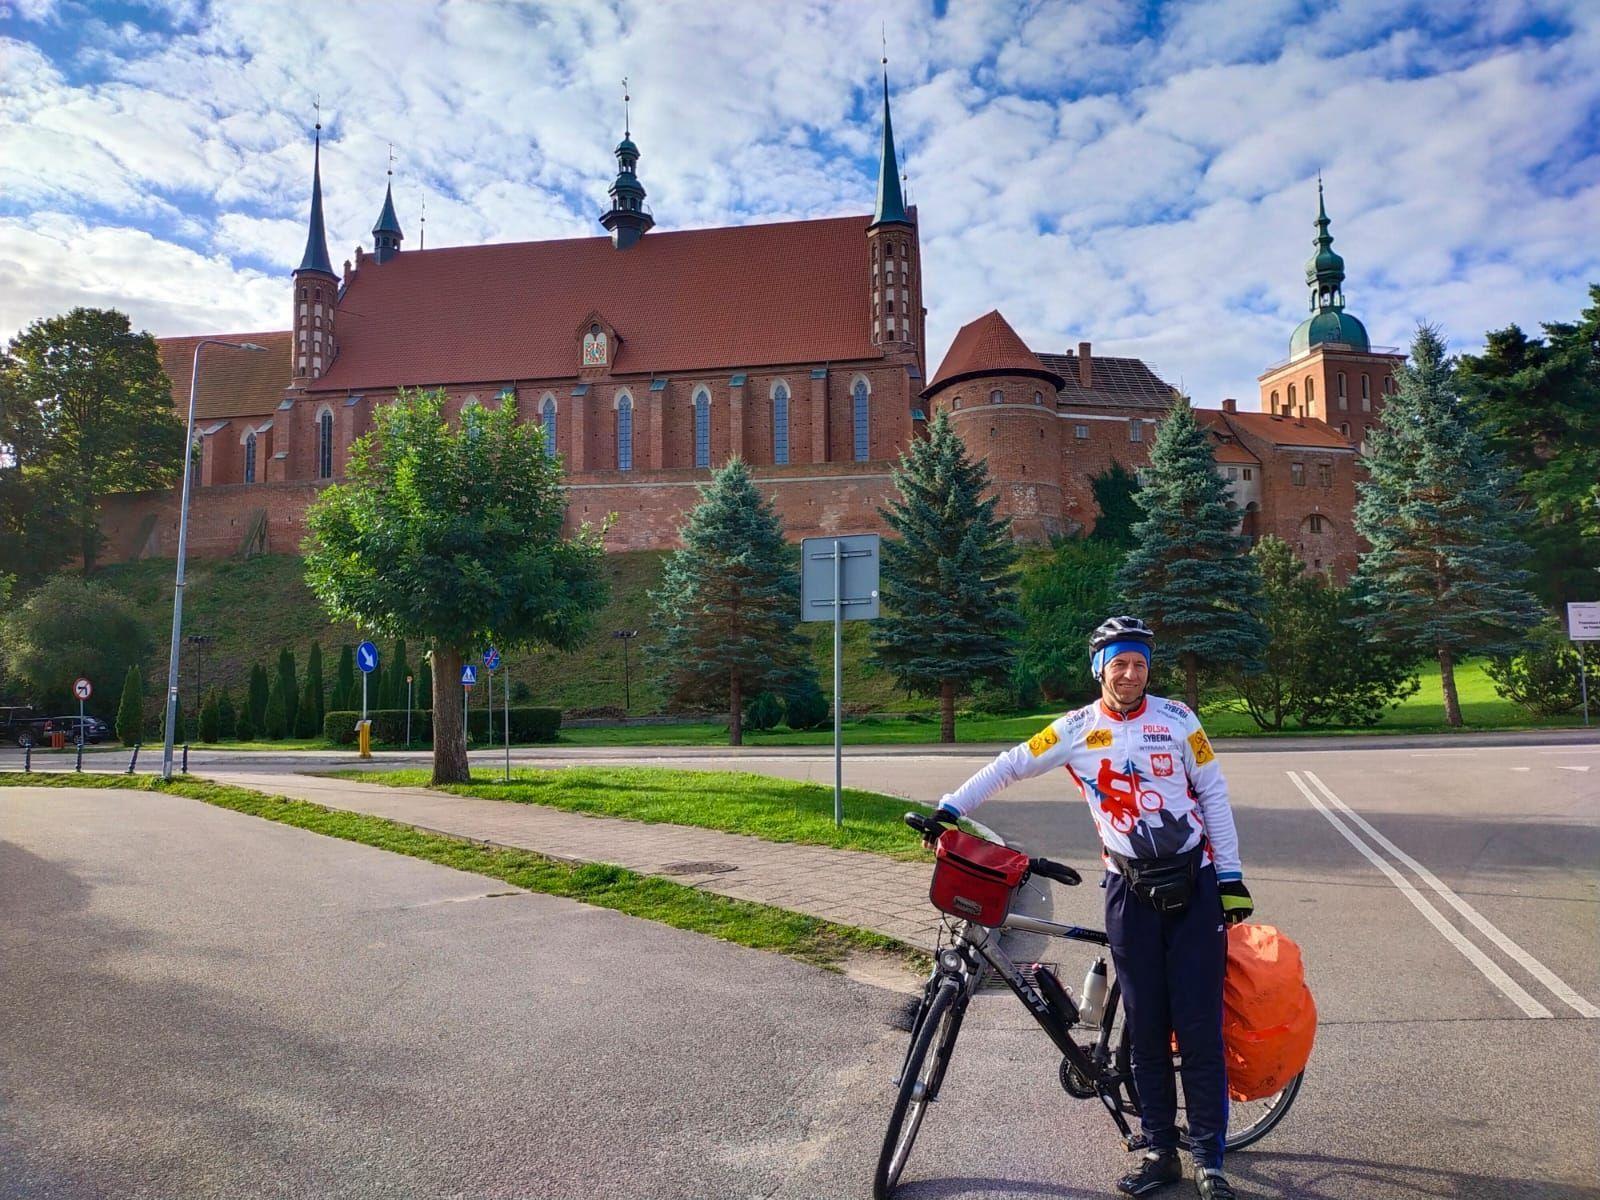 Bazylika (twierdza) we Fromborku